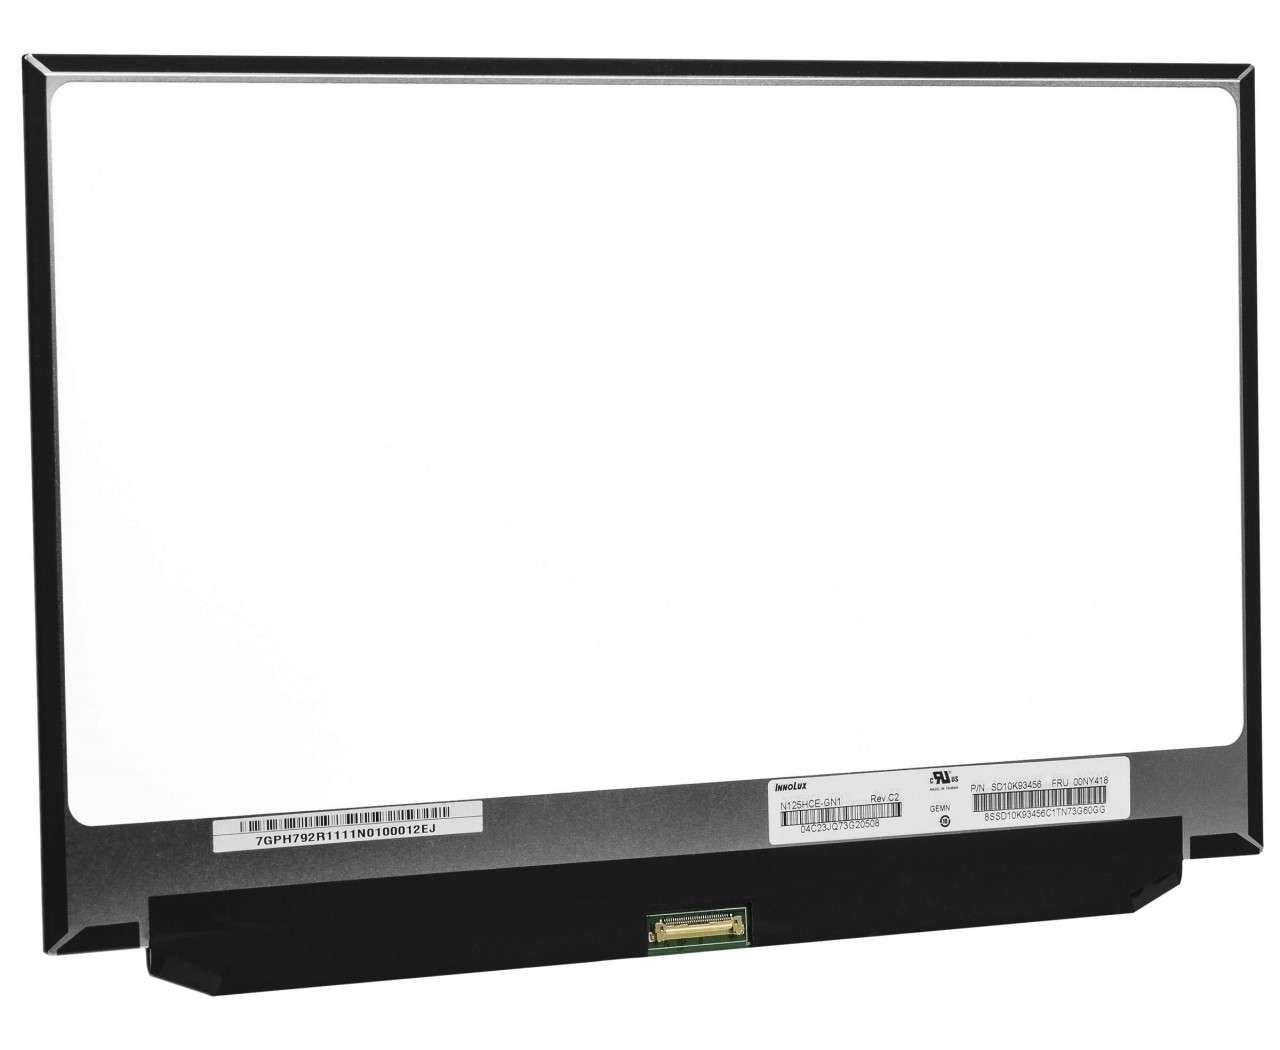 Display laptop AUO B125HAN02.2 Ecran 12.5 1920x1080 30 pini eDP imagine powerlaptop.ro 2021